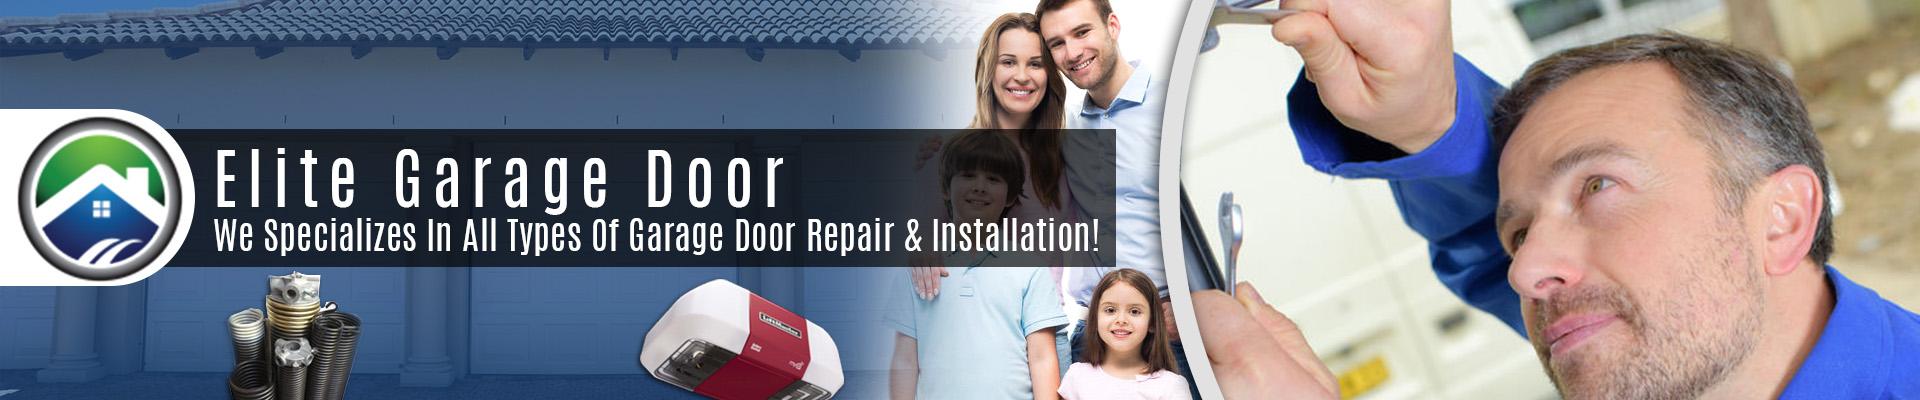 Garage Door Repair Kirkland WA - Elite Shoreline-Garage Services